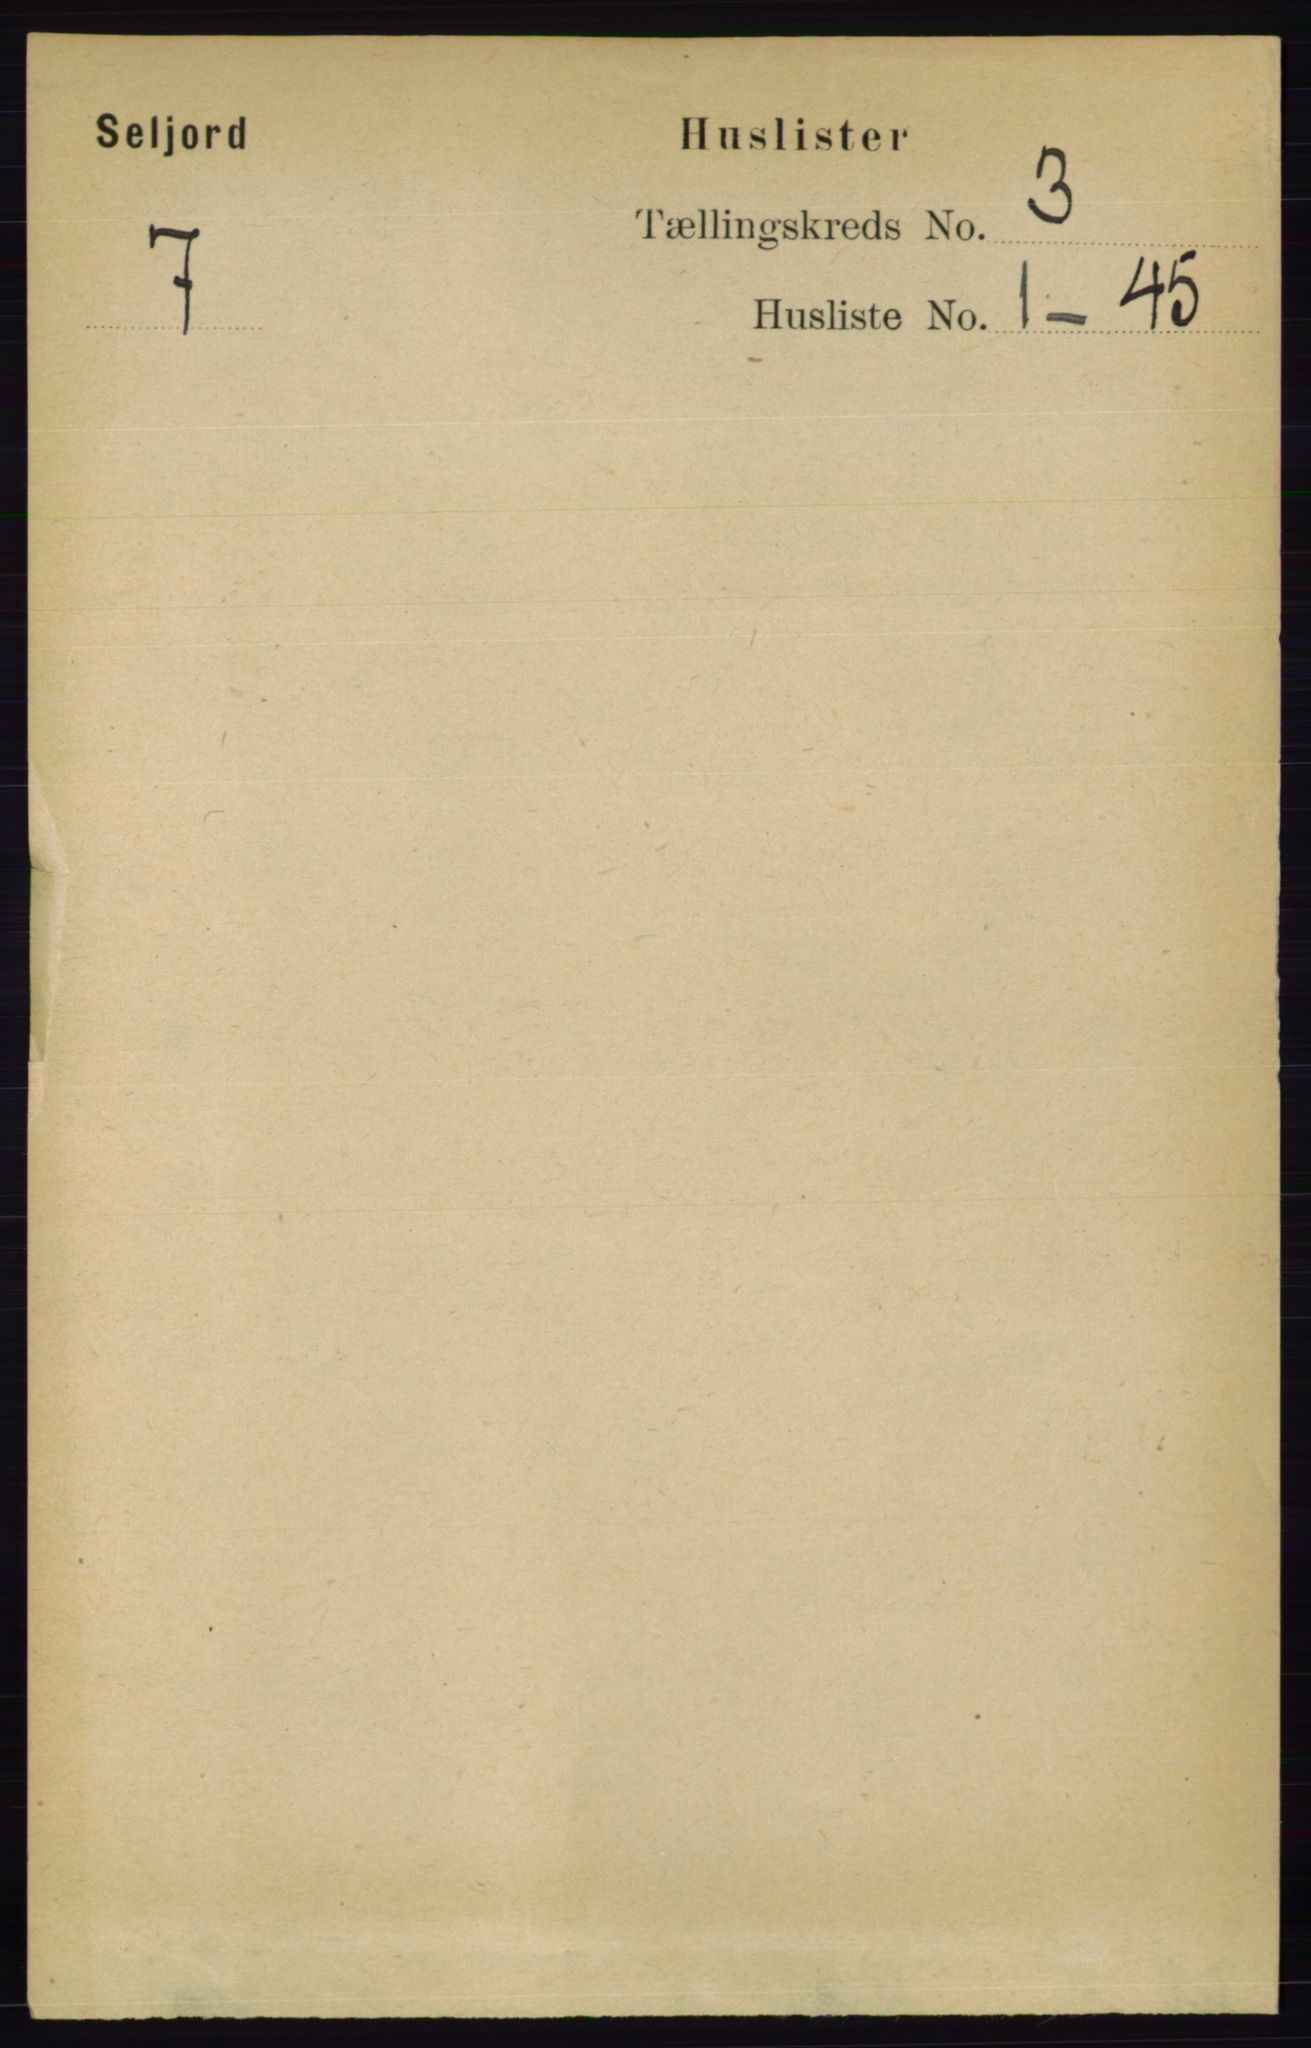 RA, Folketelling 1891 for 0828 Seljord herred, 1891, s. 934